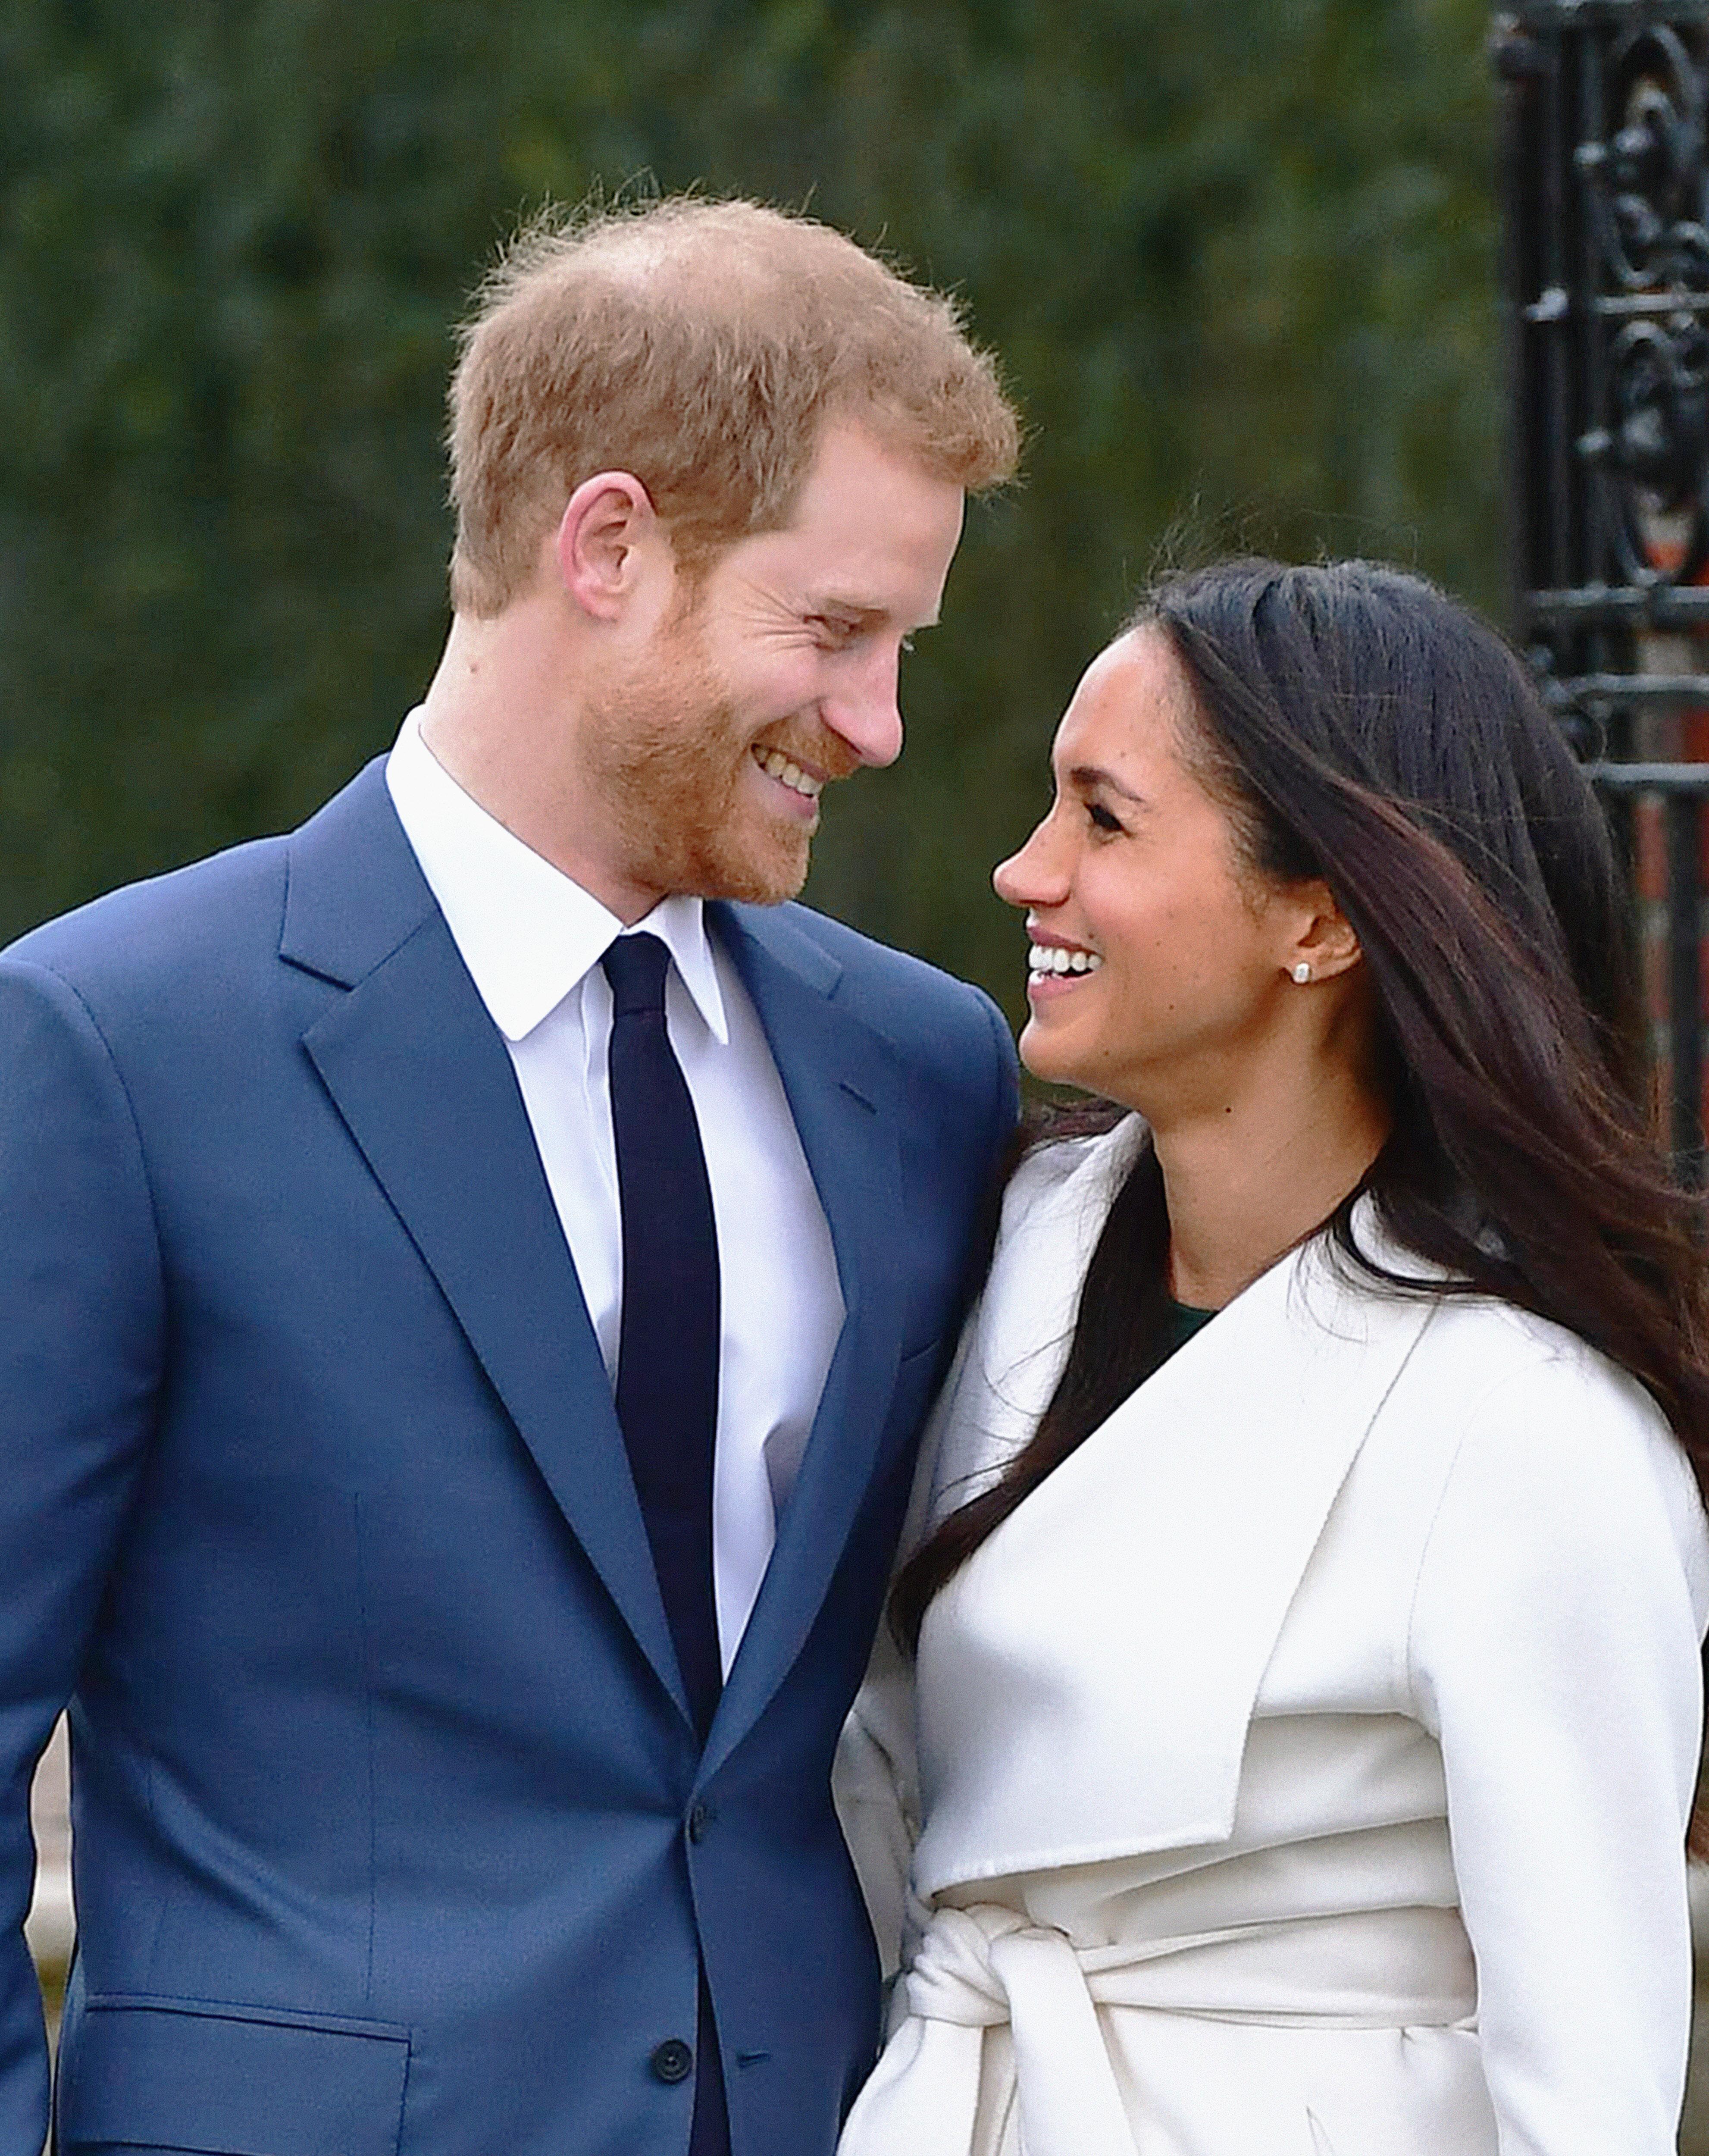 Μέγκαν Μαρκλ: Διάσημοι και φίλοι του ζευγαριού τους εύχονται για το βασιλικό